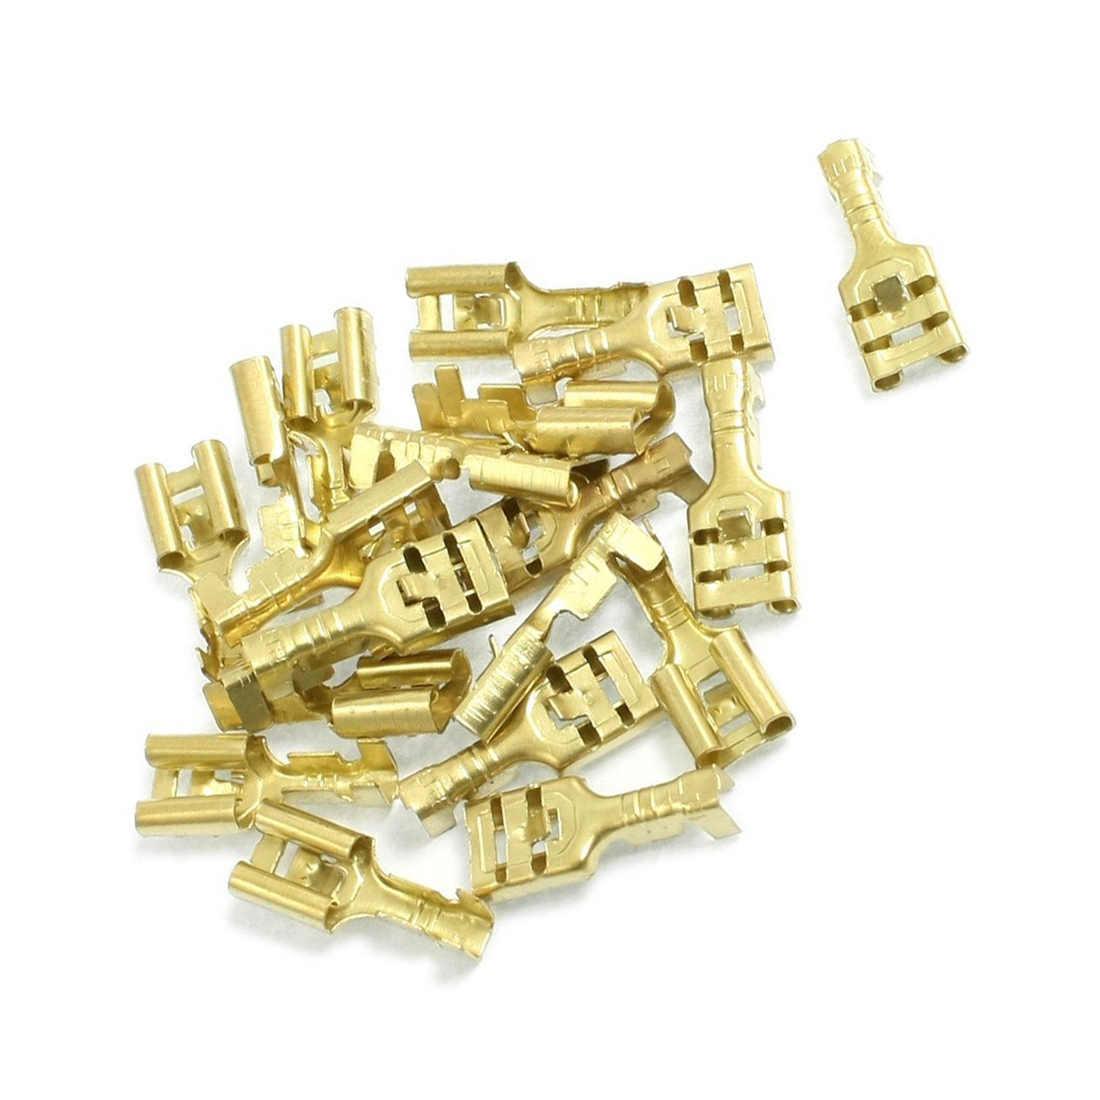 20 pièces laiton ton or 6.3mm connecteurs femelle bêche câble bornes,